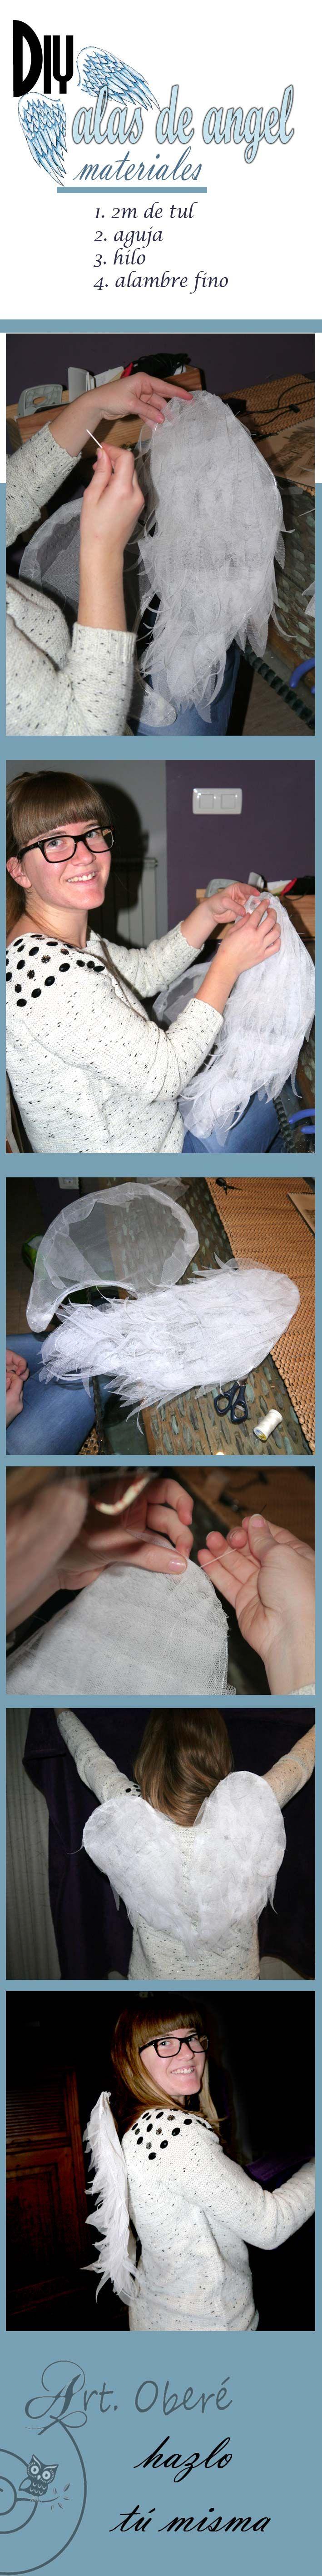 como hacer unas alas de angel, diy and handmade by art obere